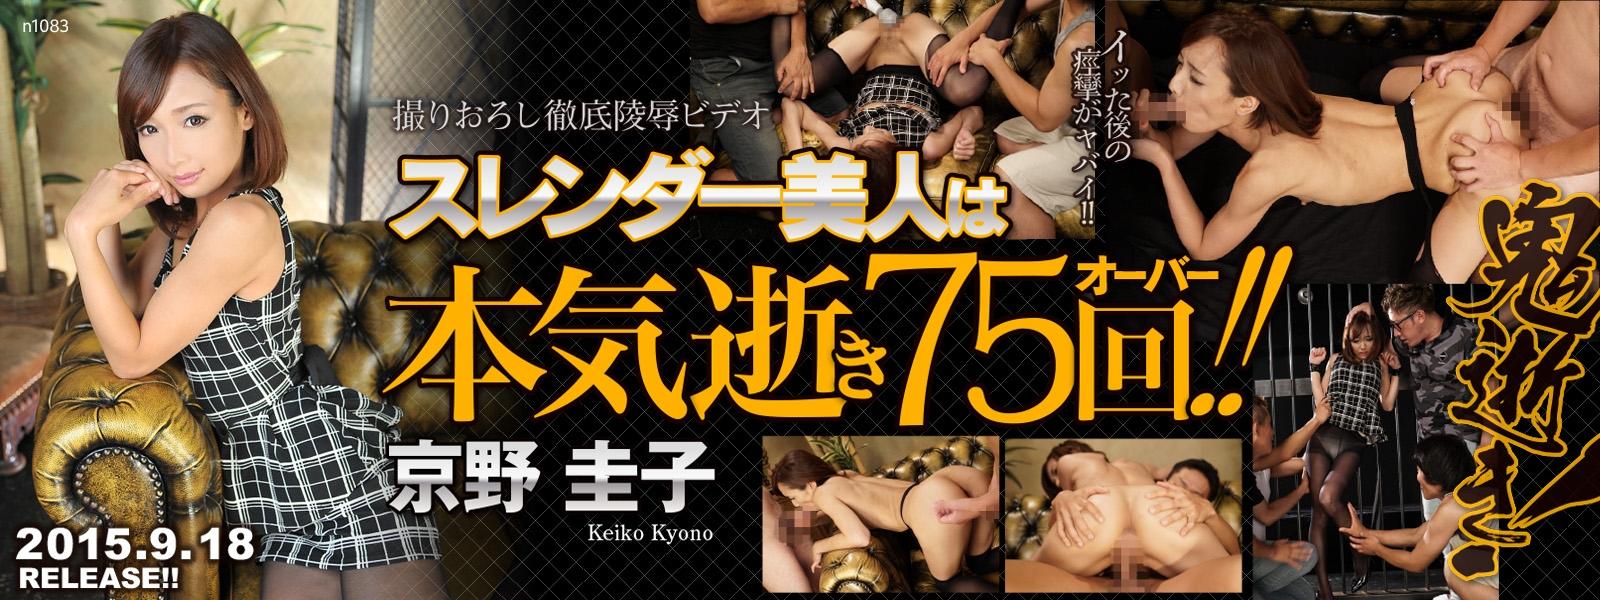 獨家解密!在東熱被幹到失神75次的京野圭子是....